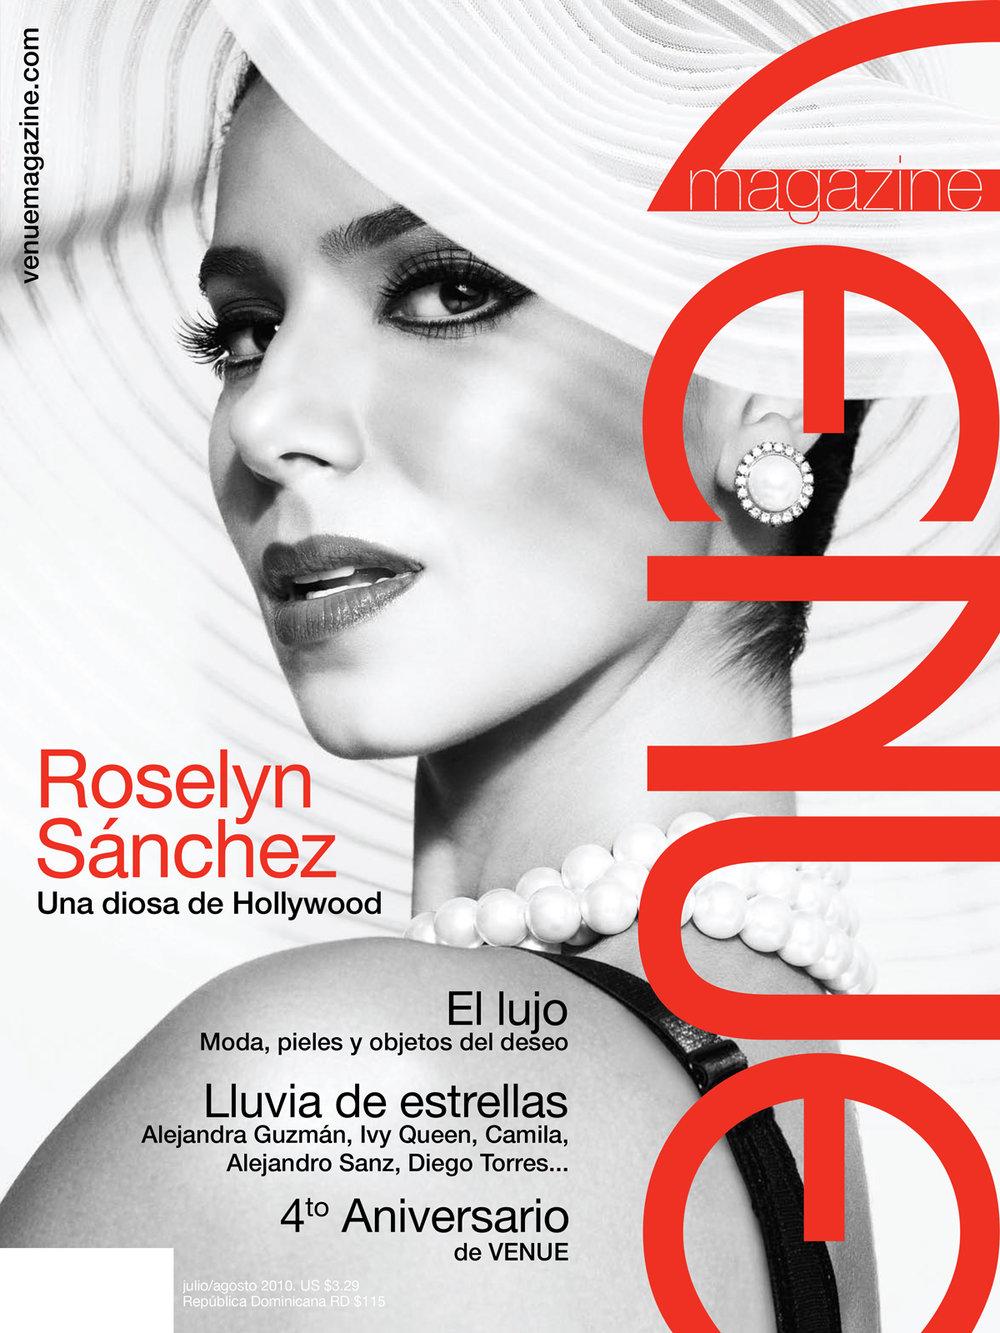 Roselyn Sanchez, Venue magazine